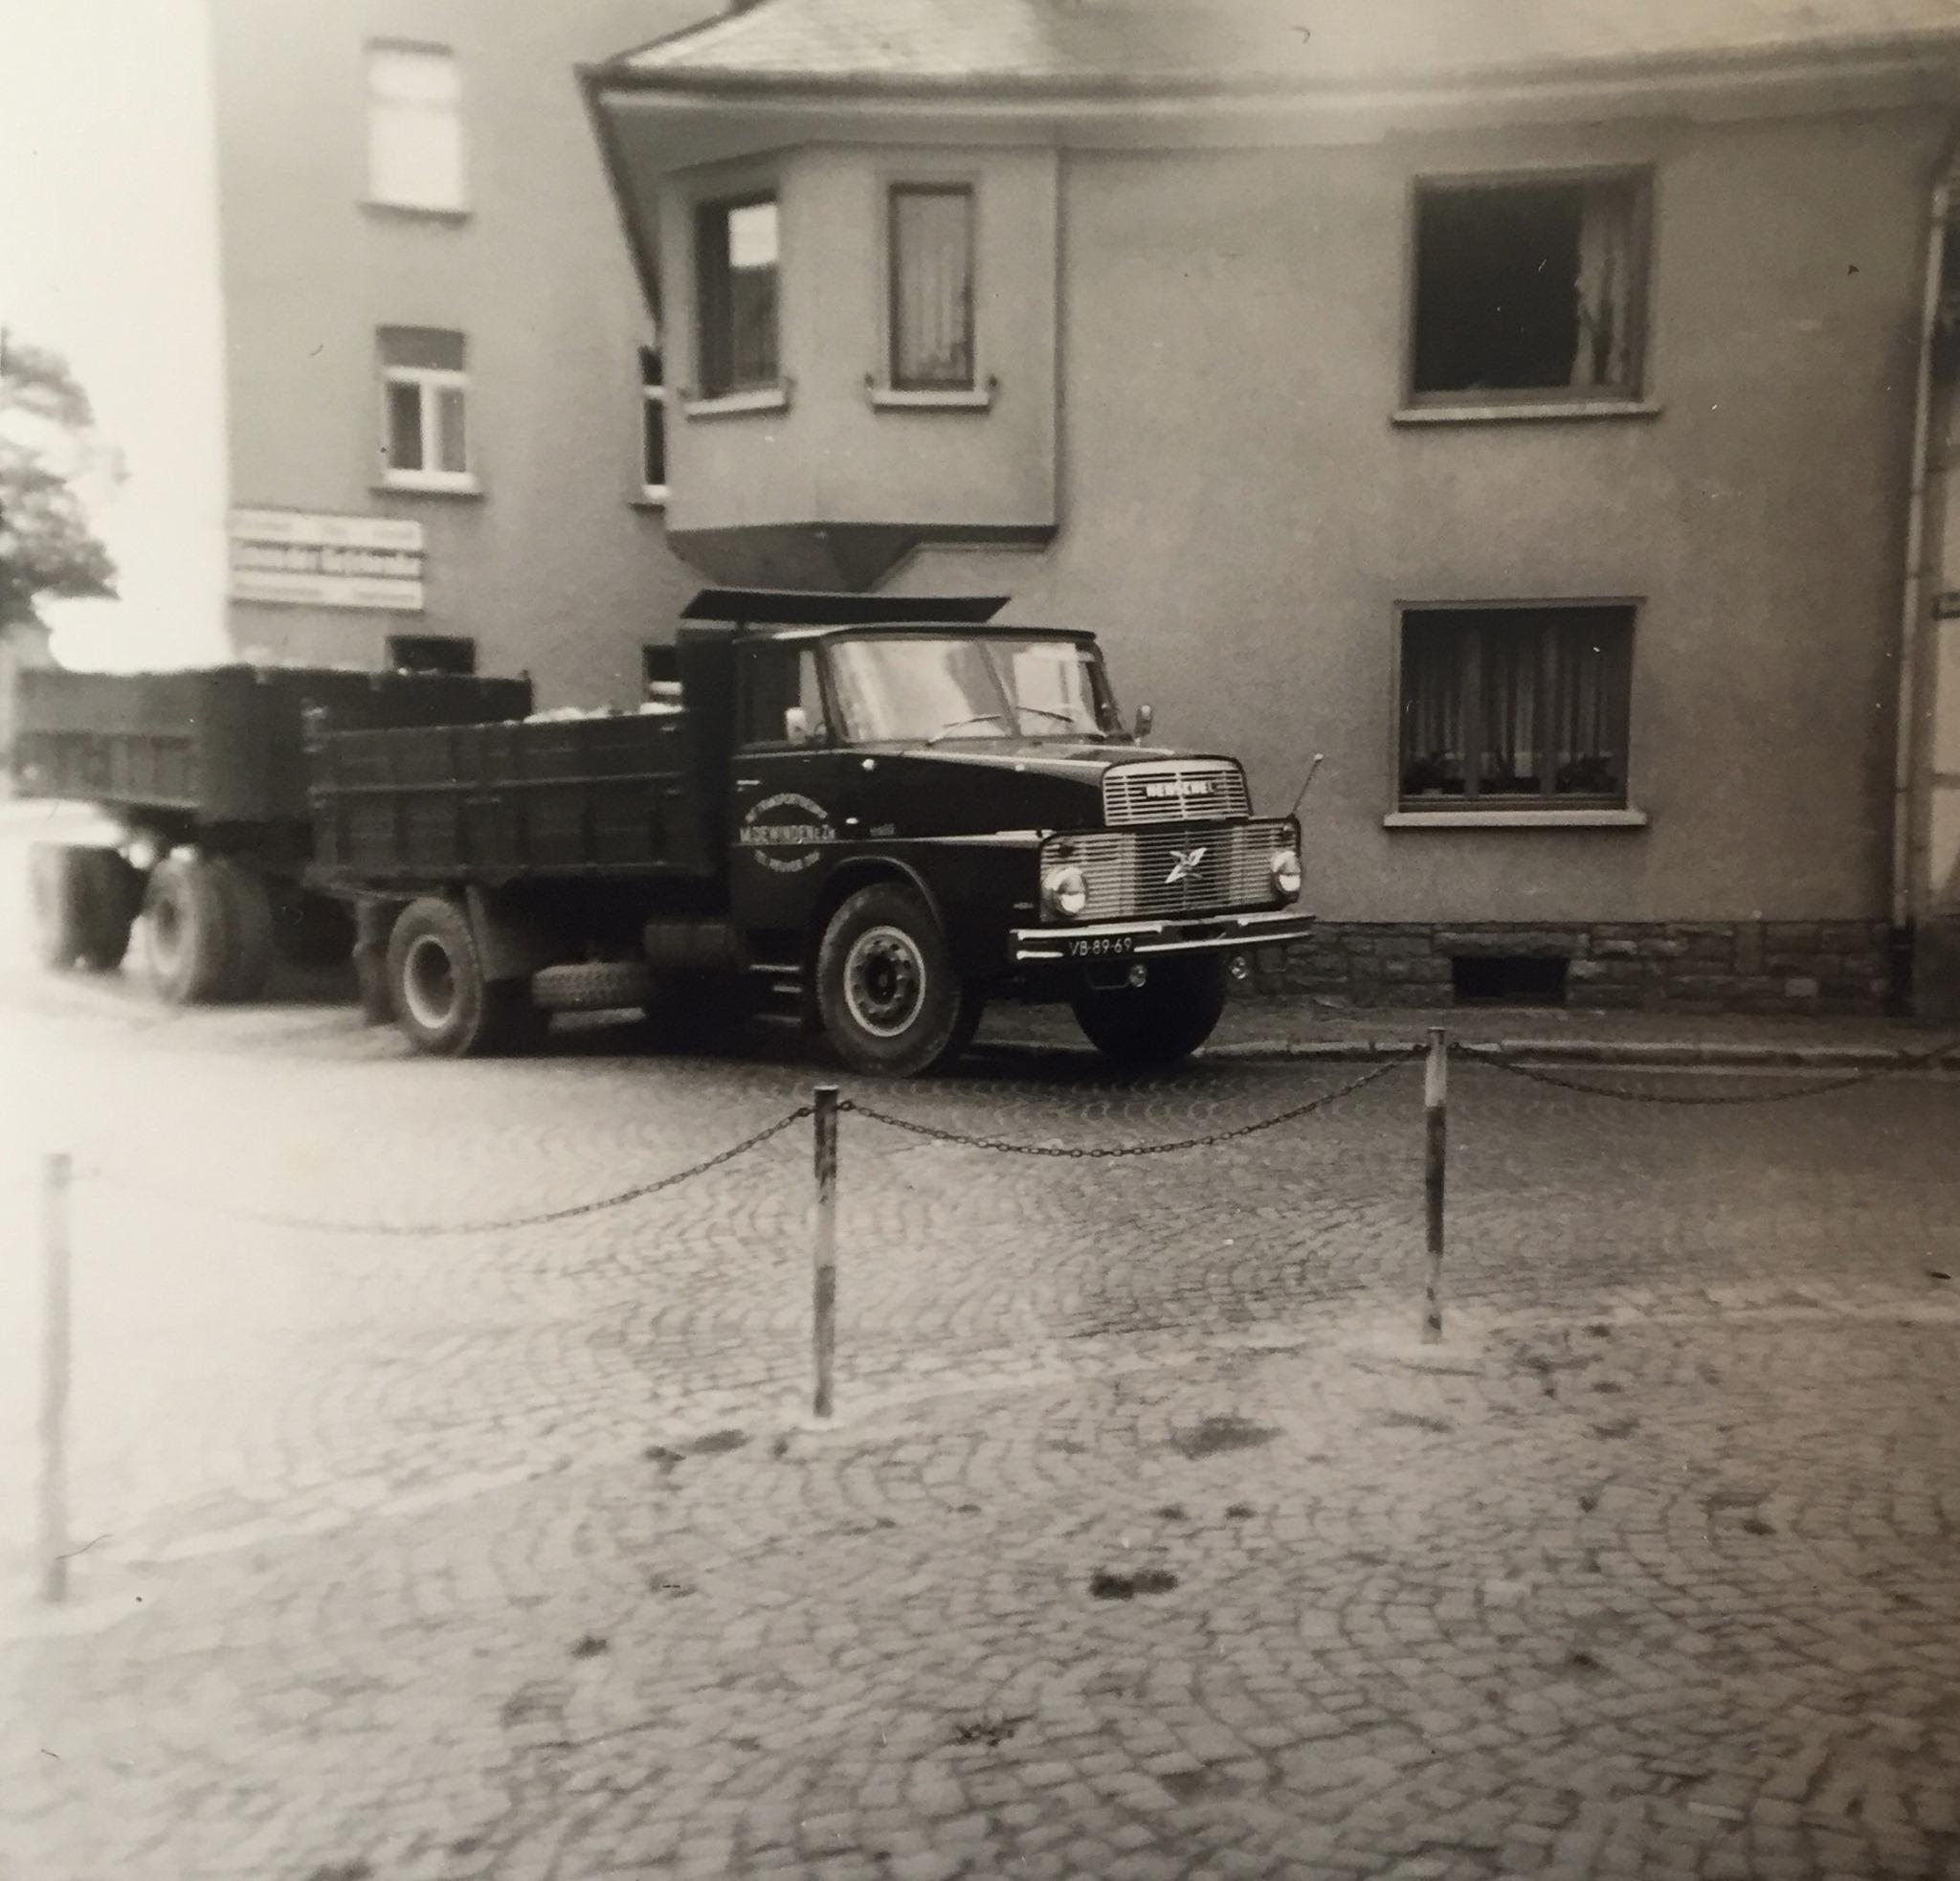 Henschel--1964-in-Wirgis-WW-wegen-